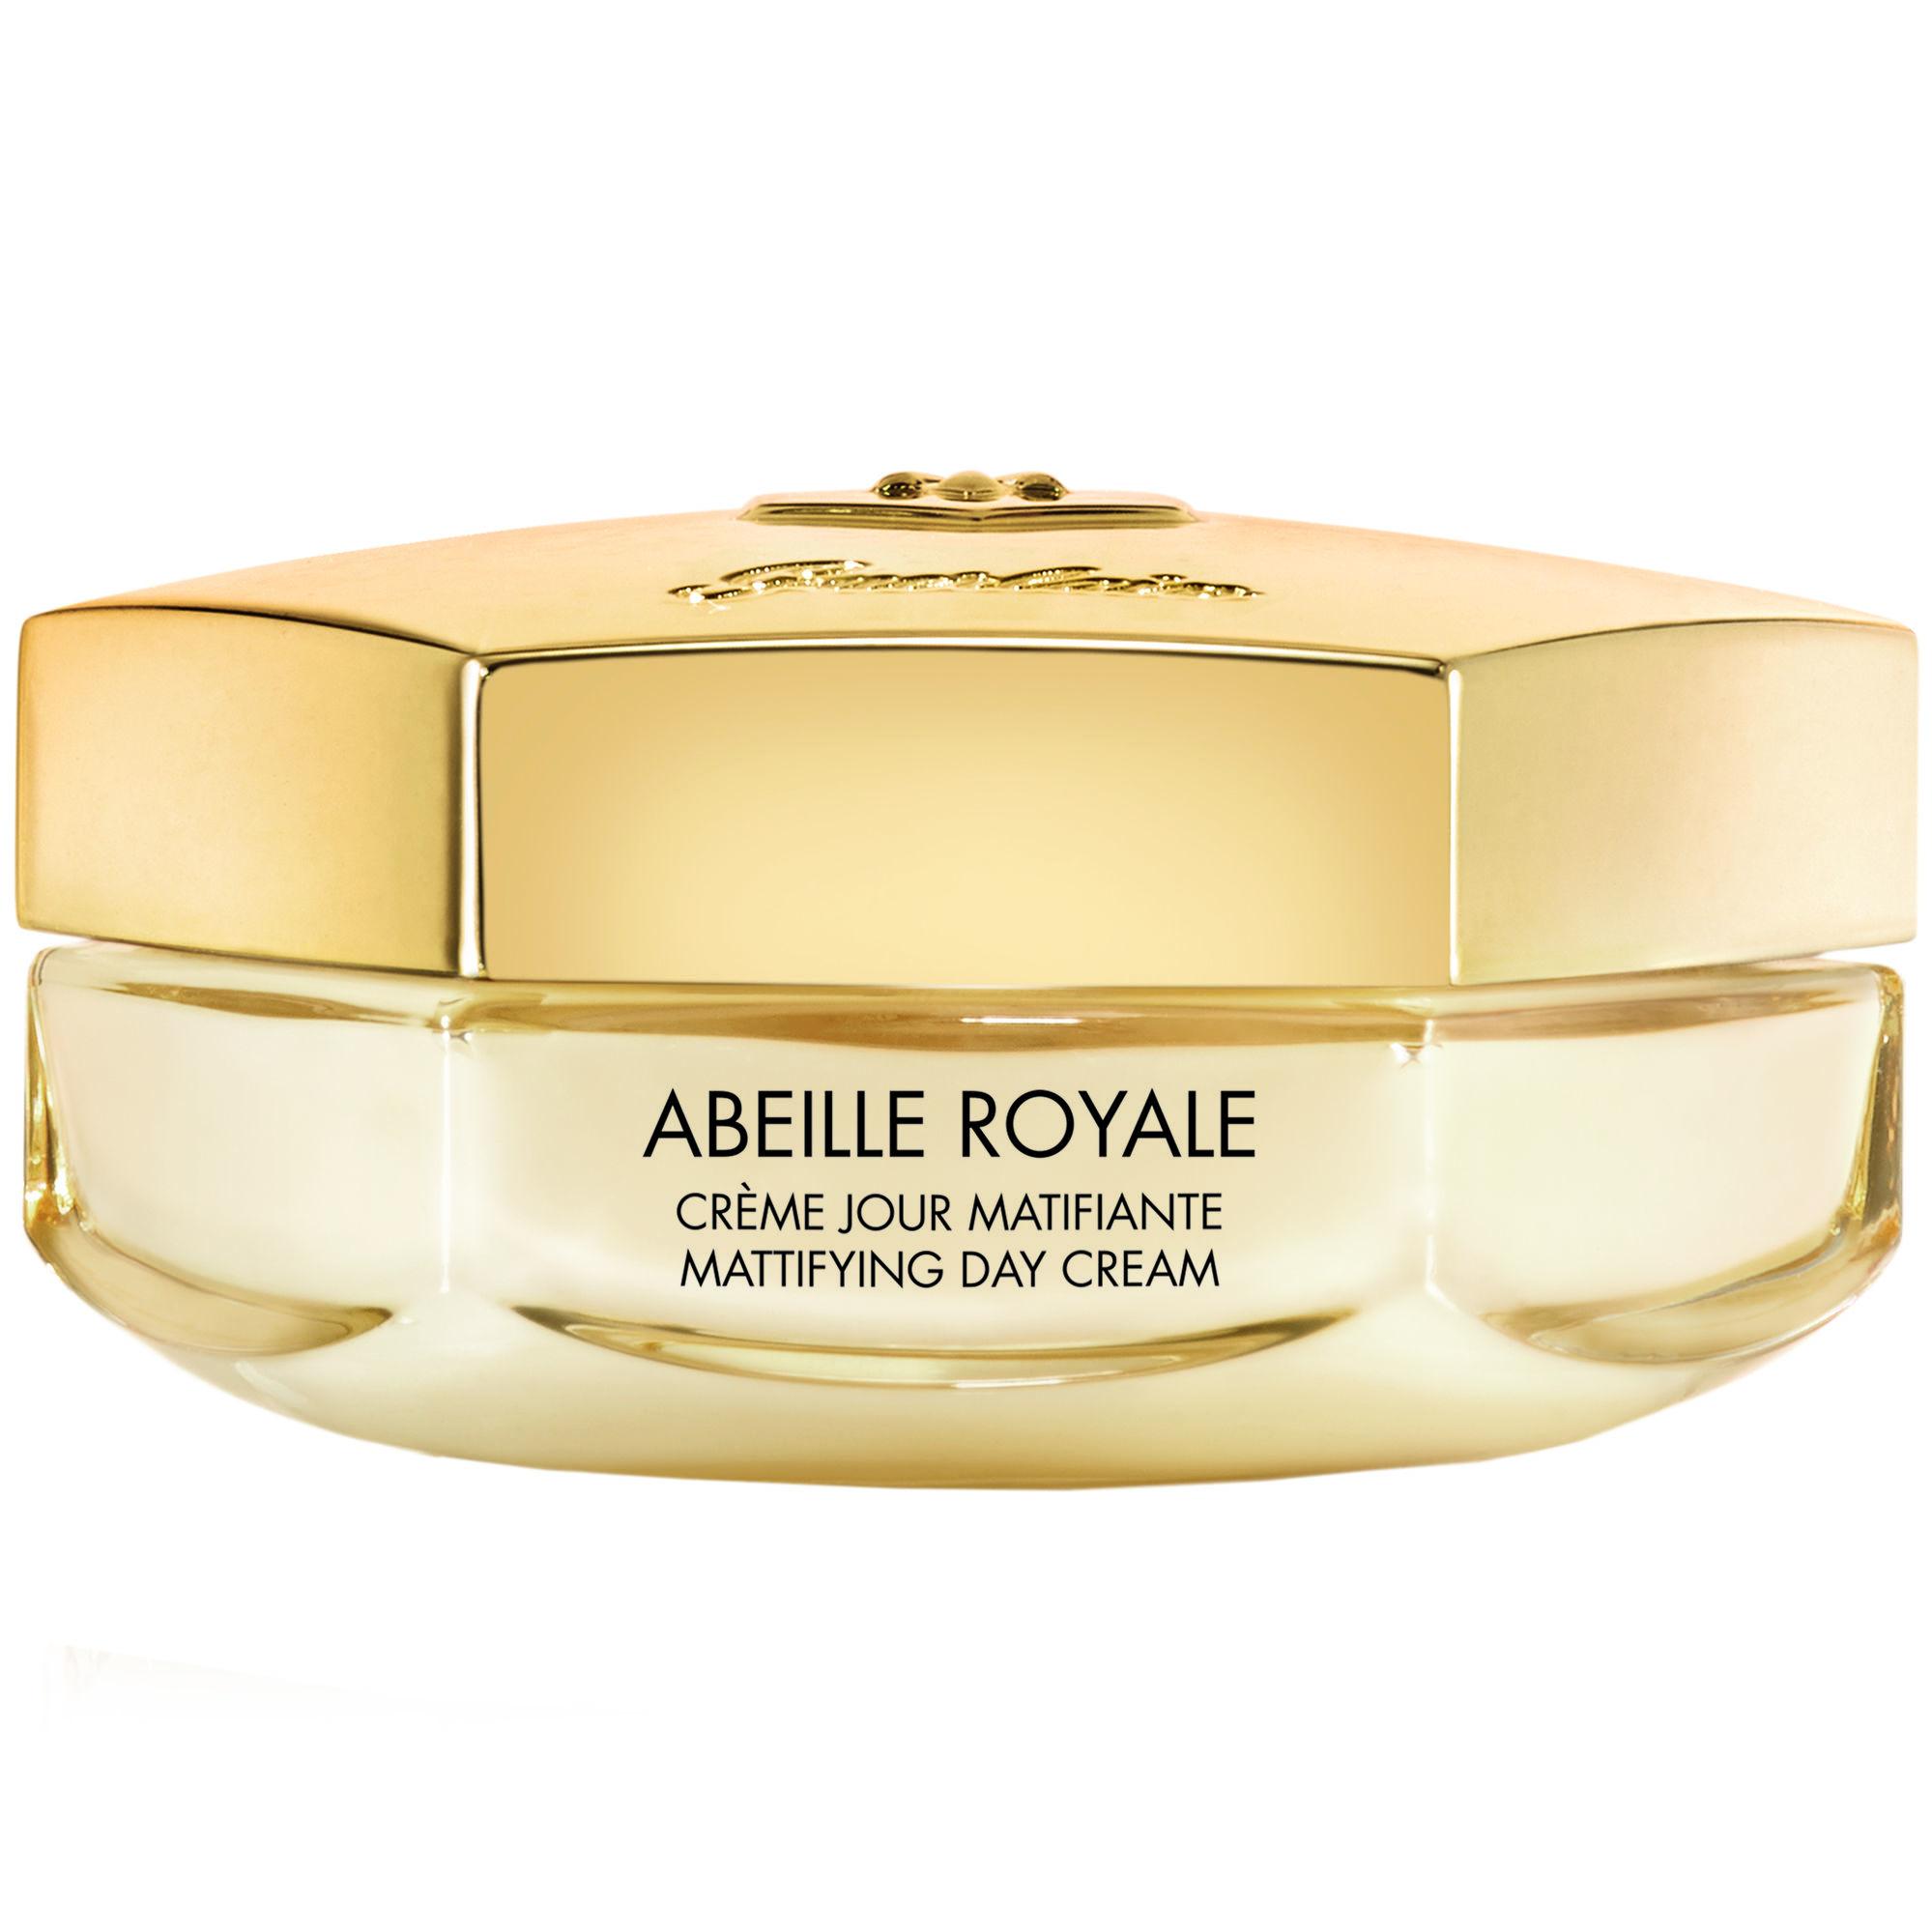 Crema de día matificante Abeille Royale de Guerlain